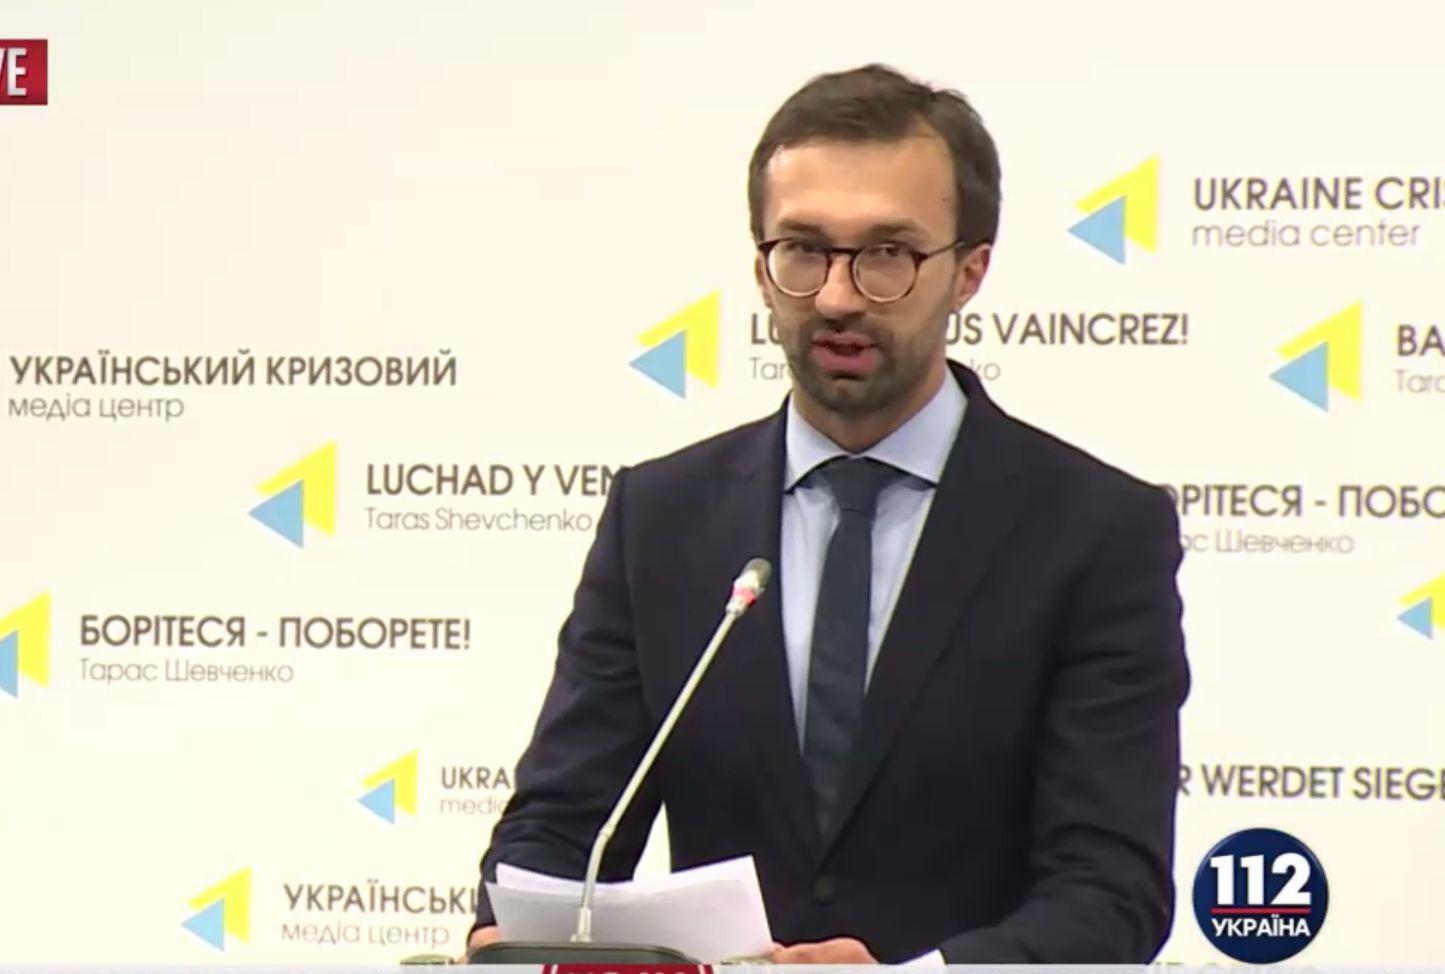 Лещенко заявил, что за ним и другими антикоррупционерами ведется слежка